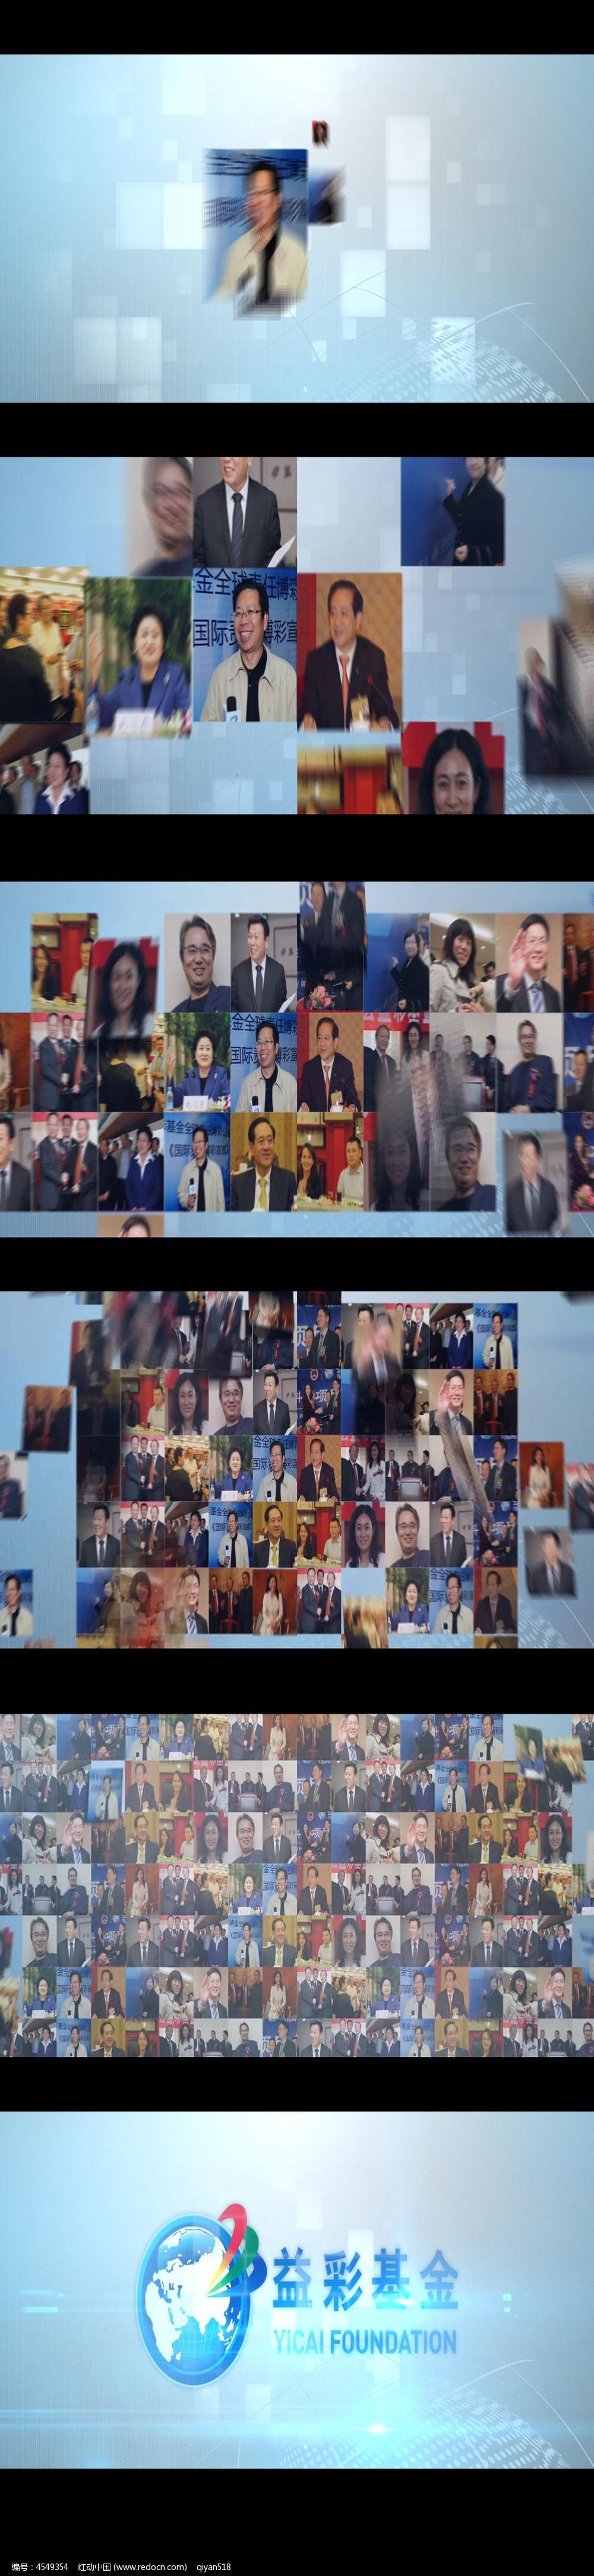 图片汇聚宣传片片头视频ae模板图片